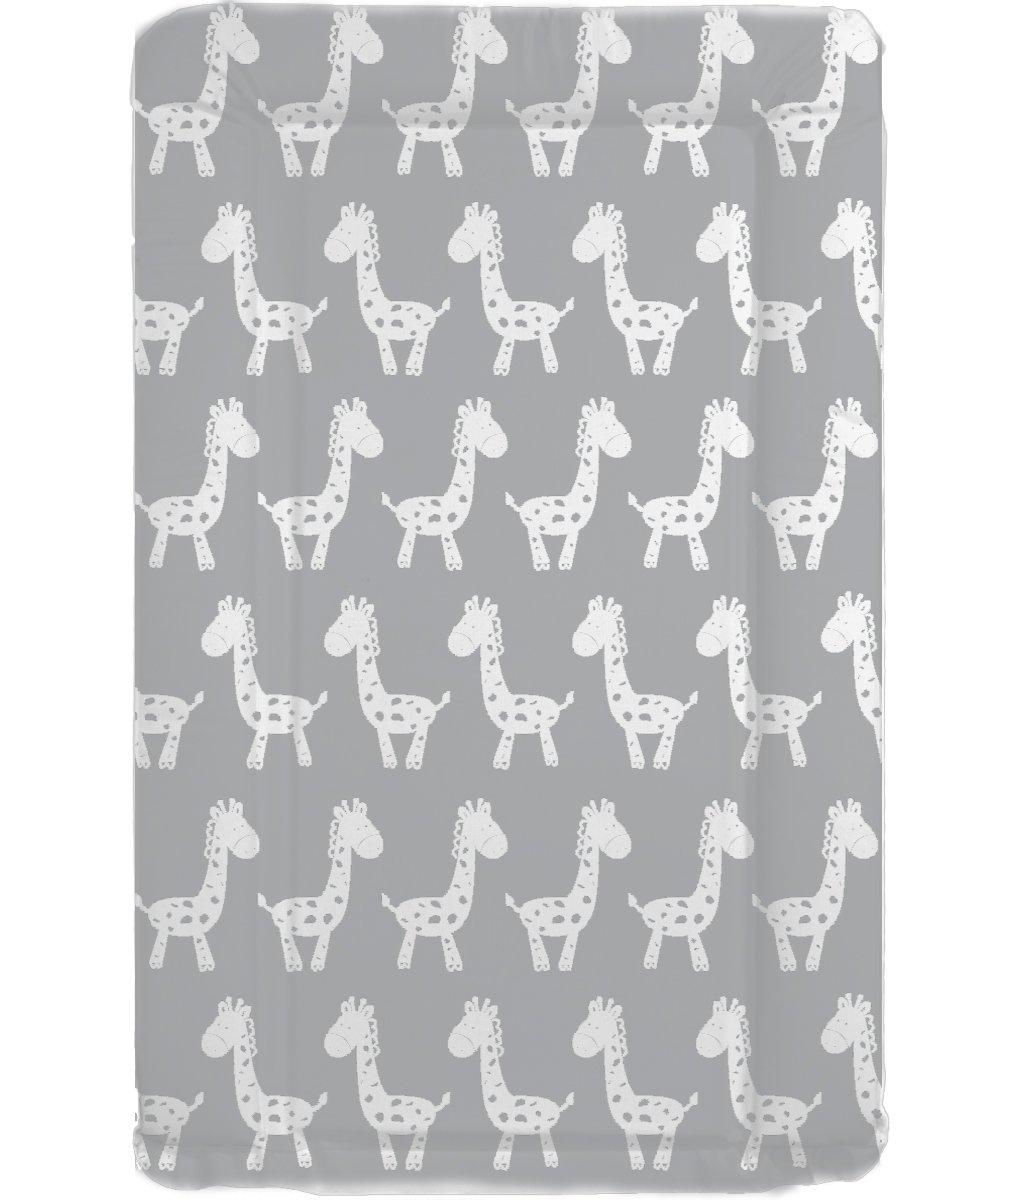 Tapis à langer pour bébé Unisexe imperméable de luxe avec bords surélevés–Design Gris et Blanc Girafe unique babieswithlove